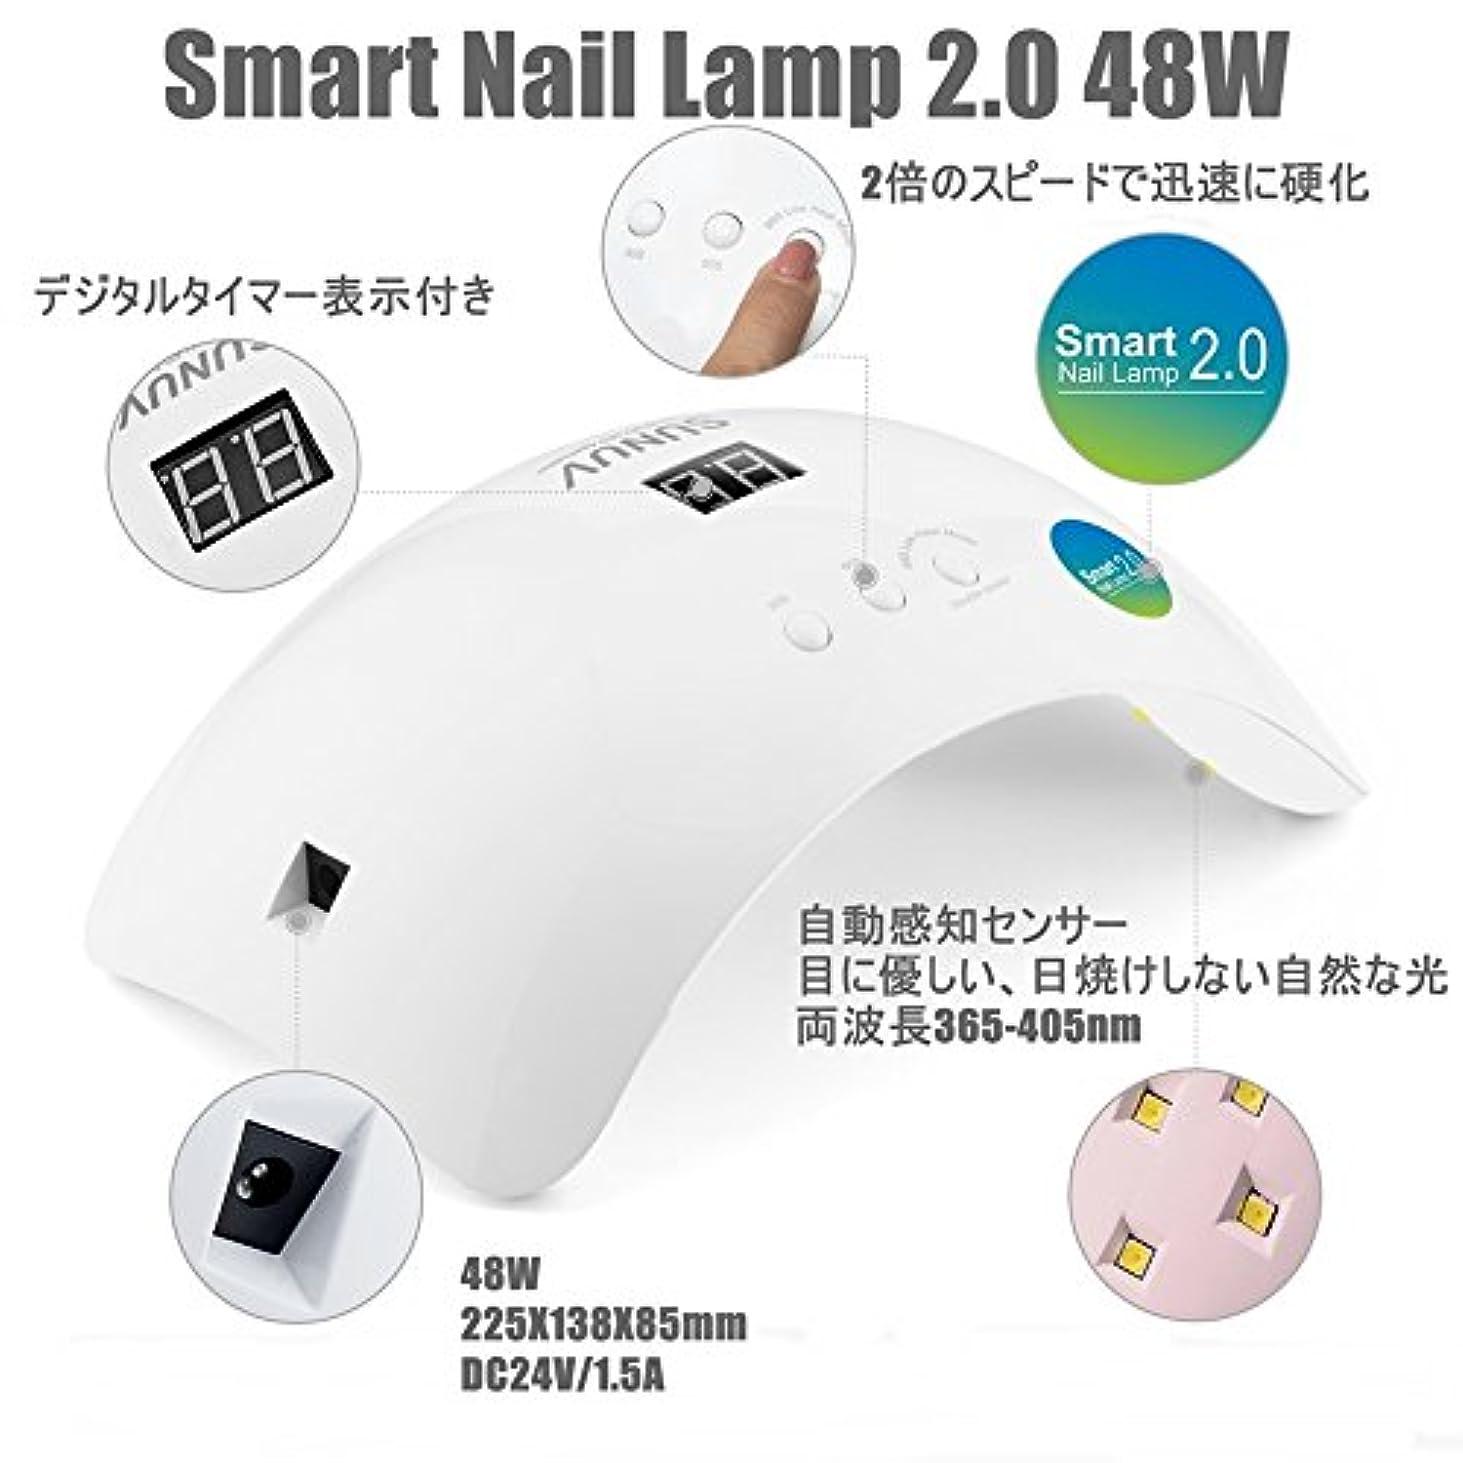 宇宙船孤独アノイ【最新型】【国内6ヶ月保証】Smart Nail Lamp 2.0 48W【ジェルネイルレジン用ライト】